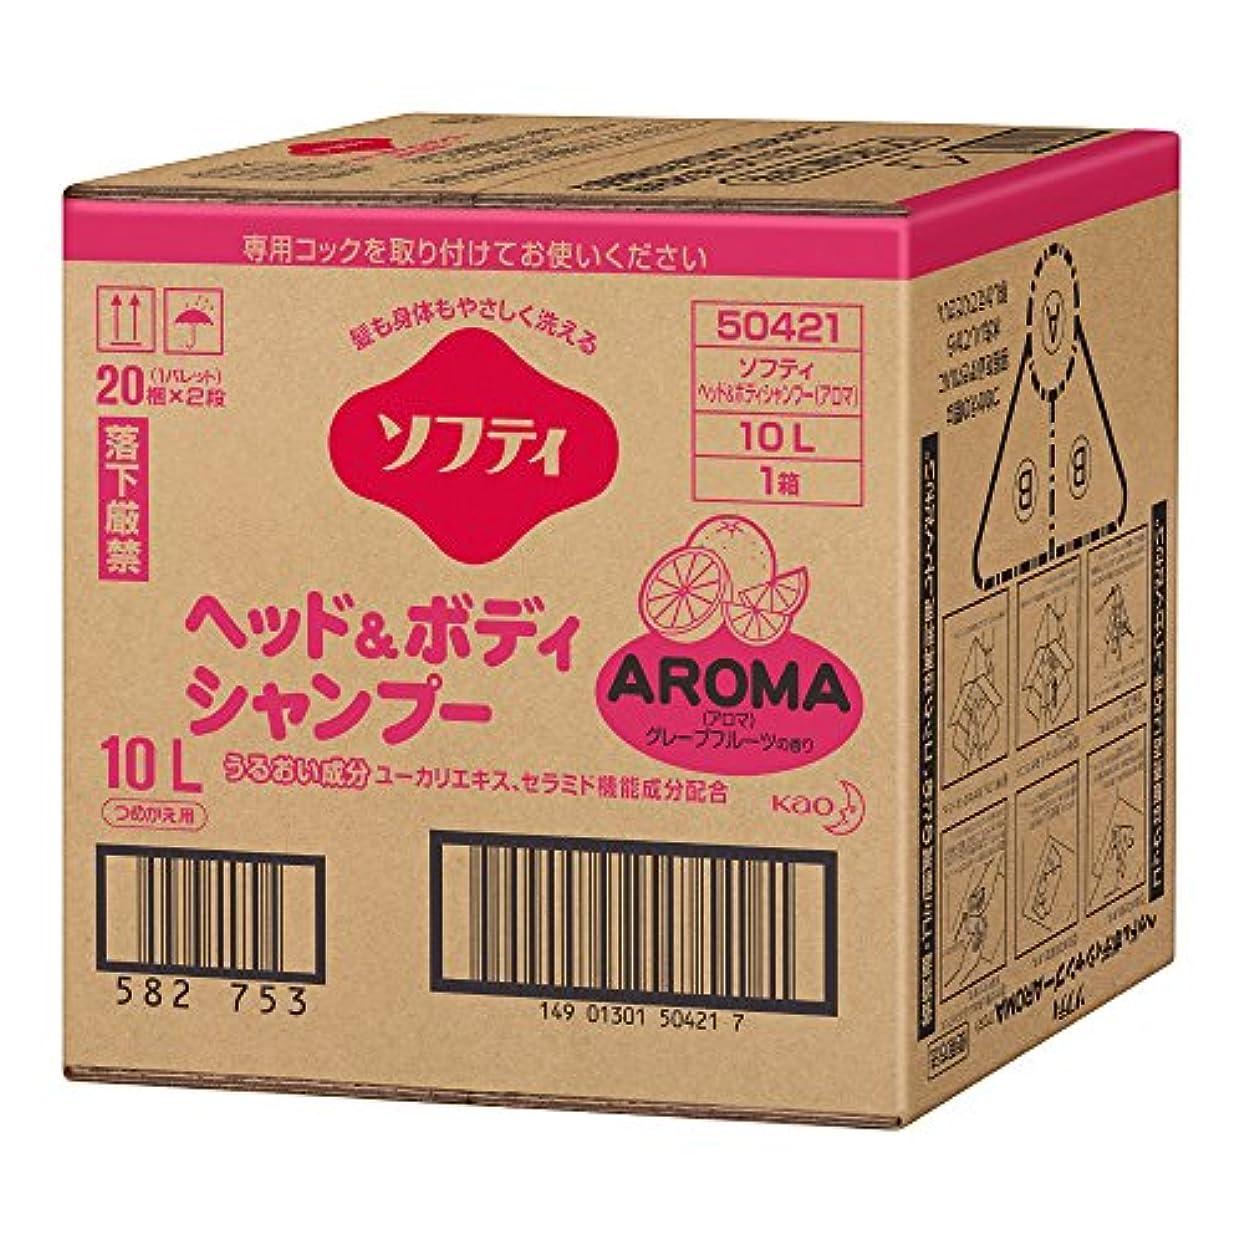 干ばつかわす分注するソフティ ヘッド&ボディシャンプーAROMA(アロマ) 10L バッグインボックスタイプ (花王プロフェッショナルシリーズ)